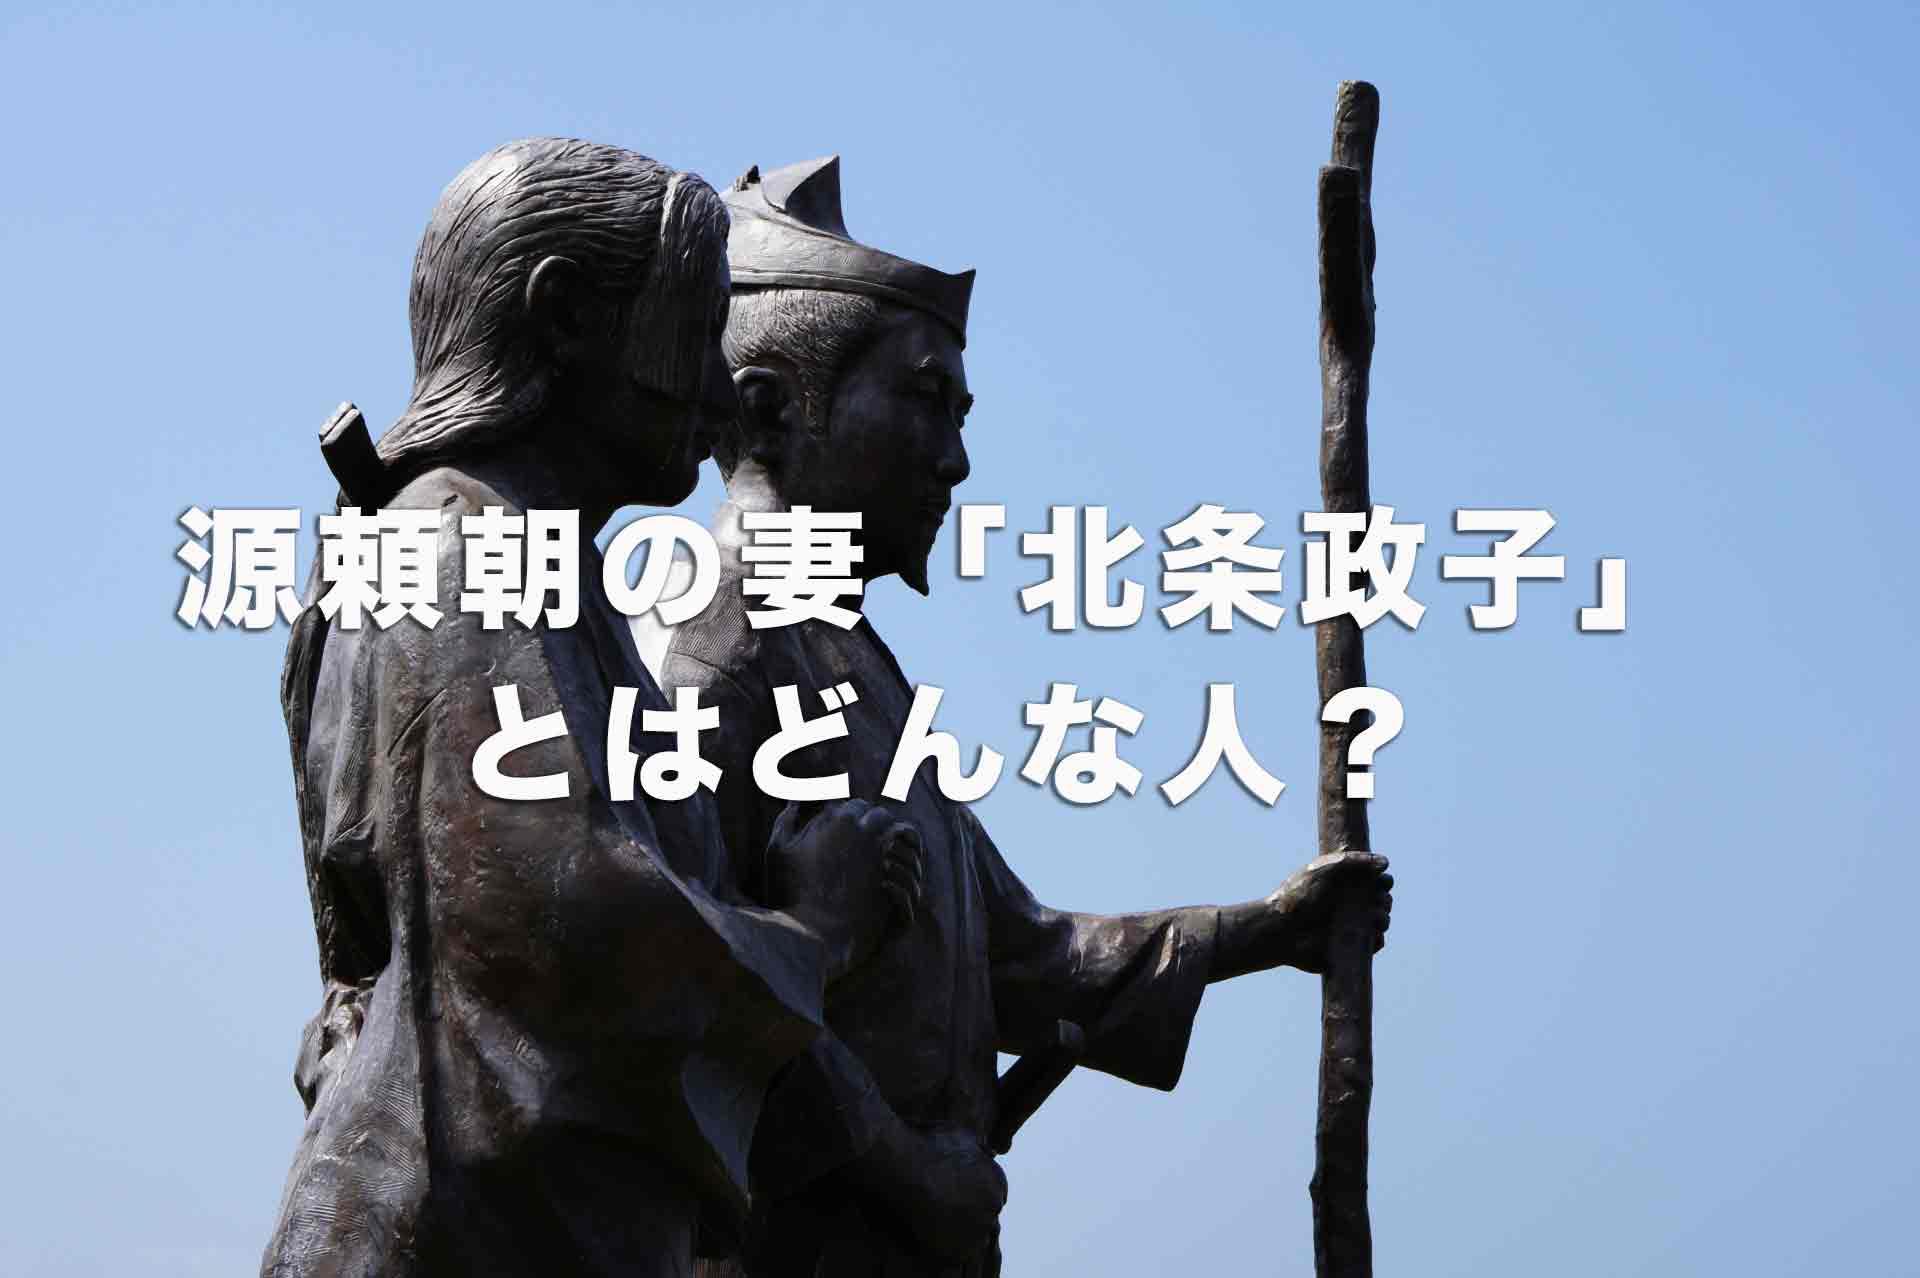 源頼朝の妻「北条政子」とはどんな人?悪女だった?源頼朝との仲は悪かった?